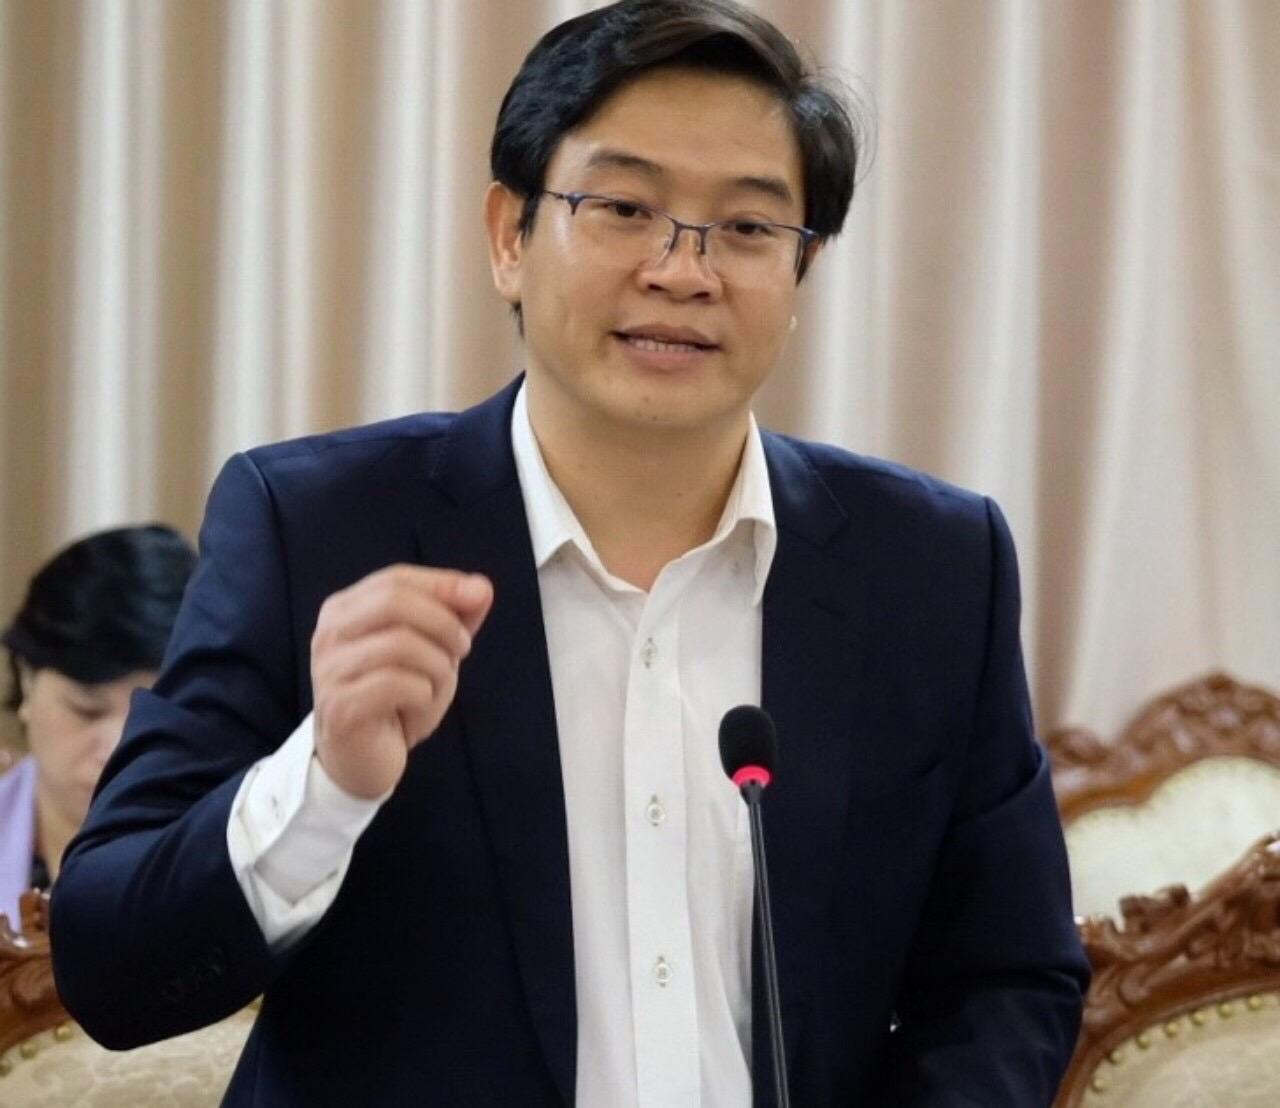 Bộ Giáo dục và Đào tạo đối thoại với GS.TS Hồ Ngọc Đại về sách công nghệ giáo dục (3/1/2020)